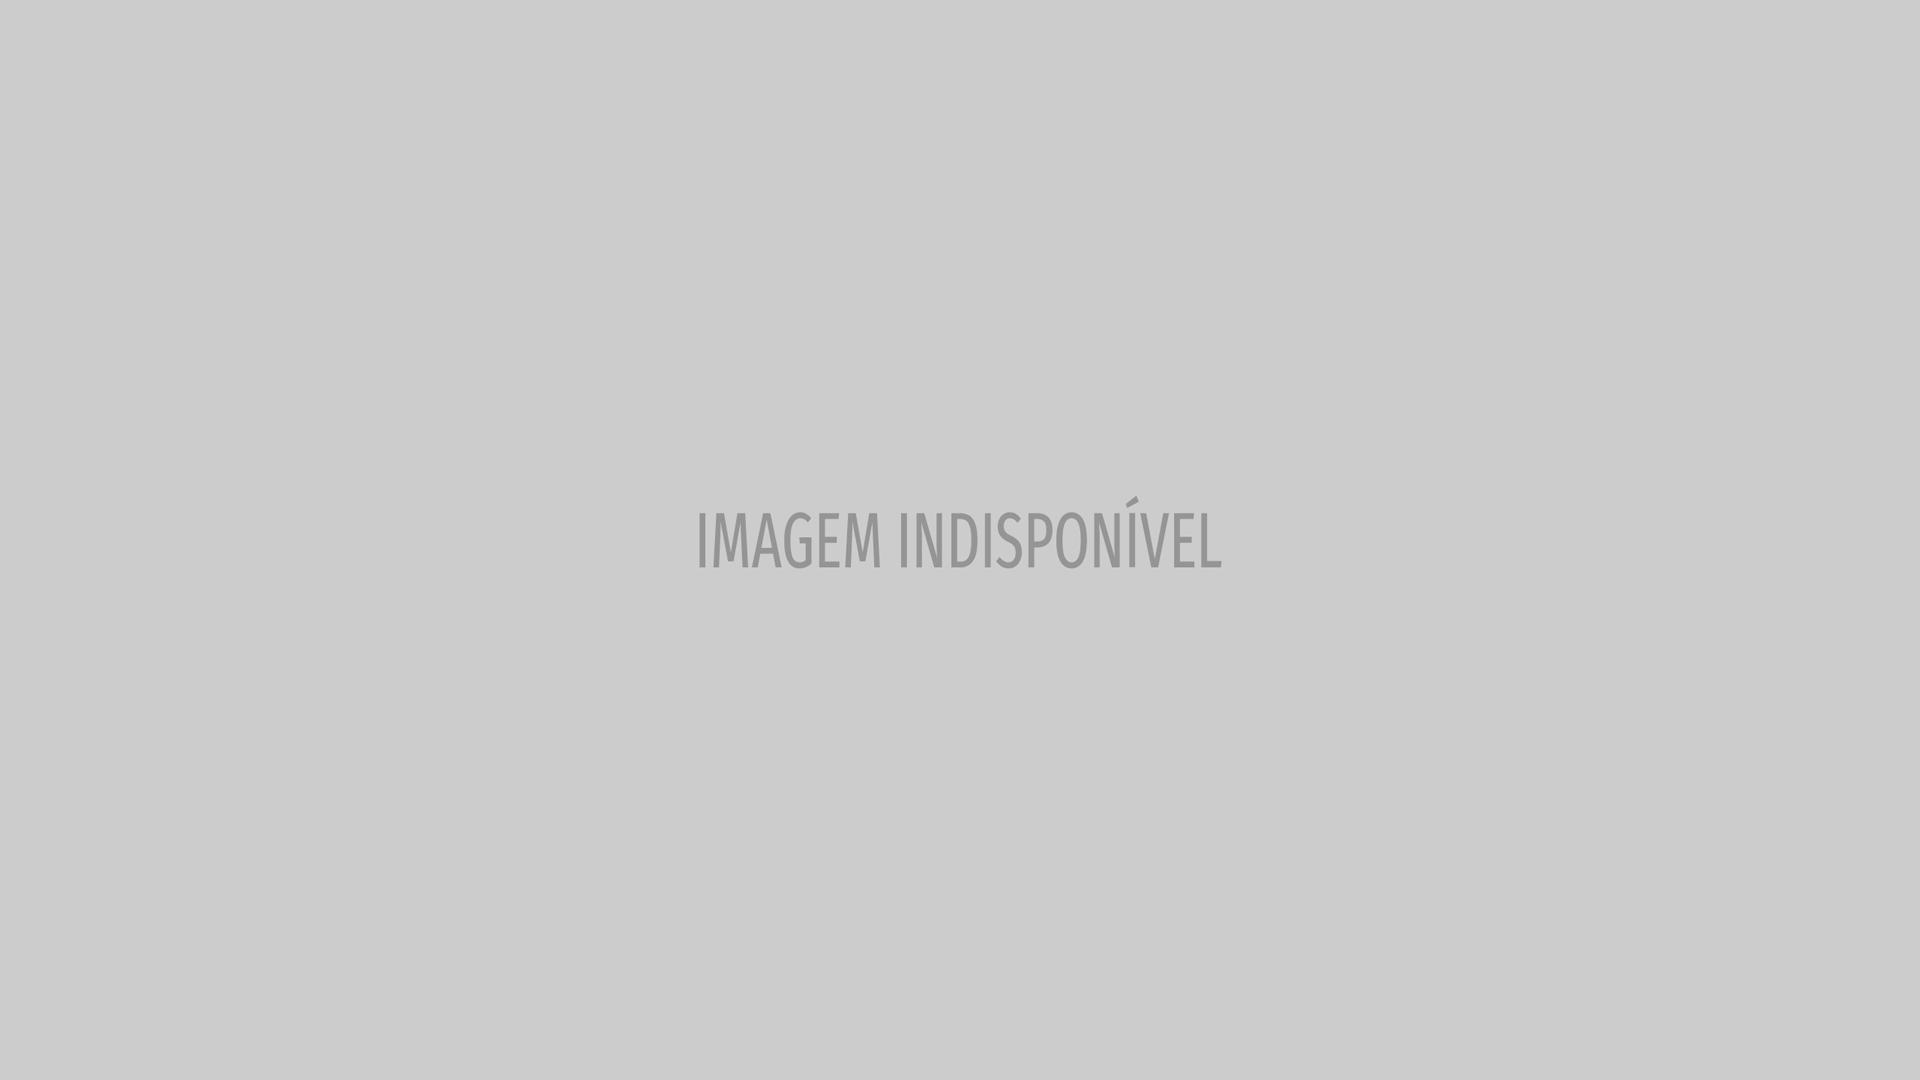 Mulheres fazem greve na Argentina após estupro e morte de jovem